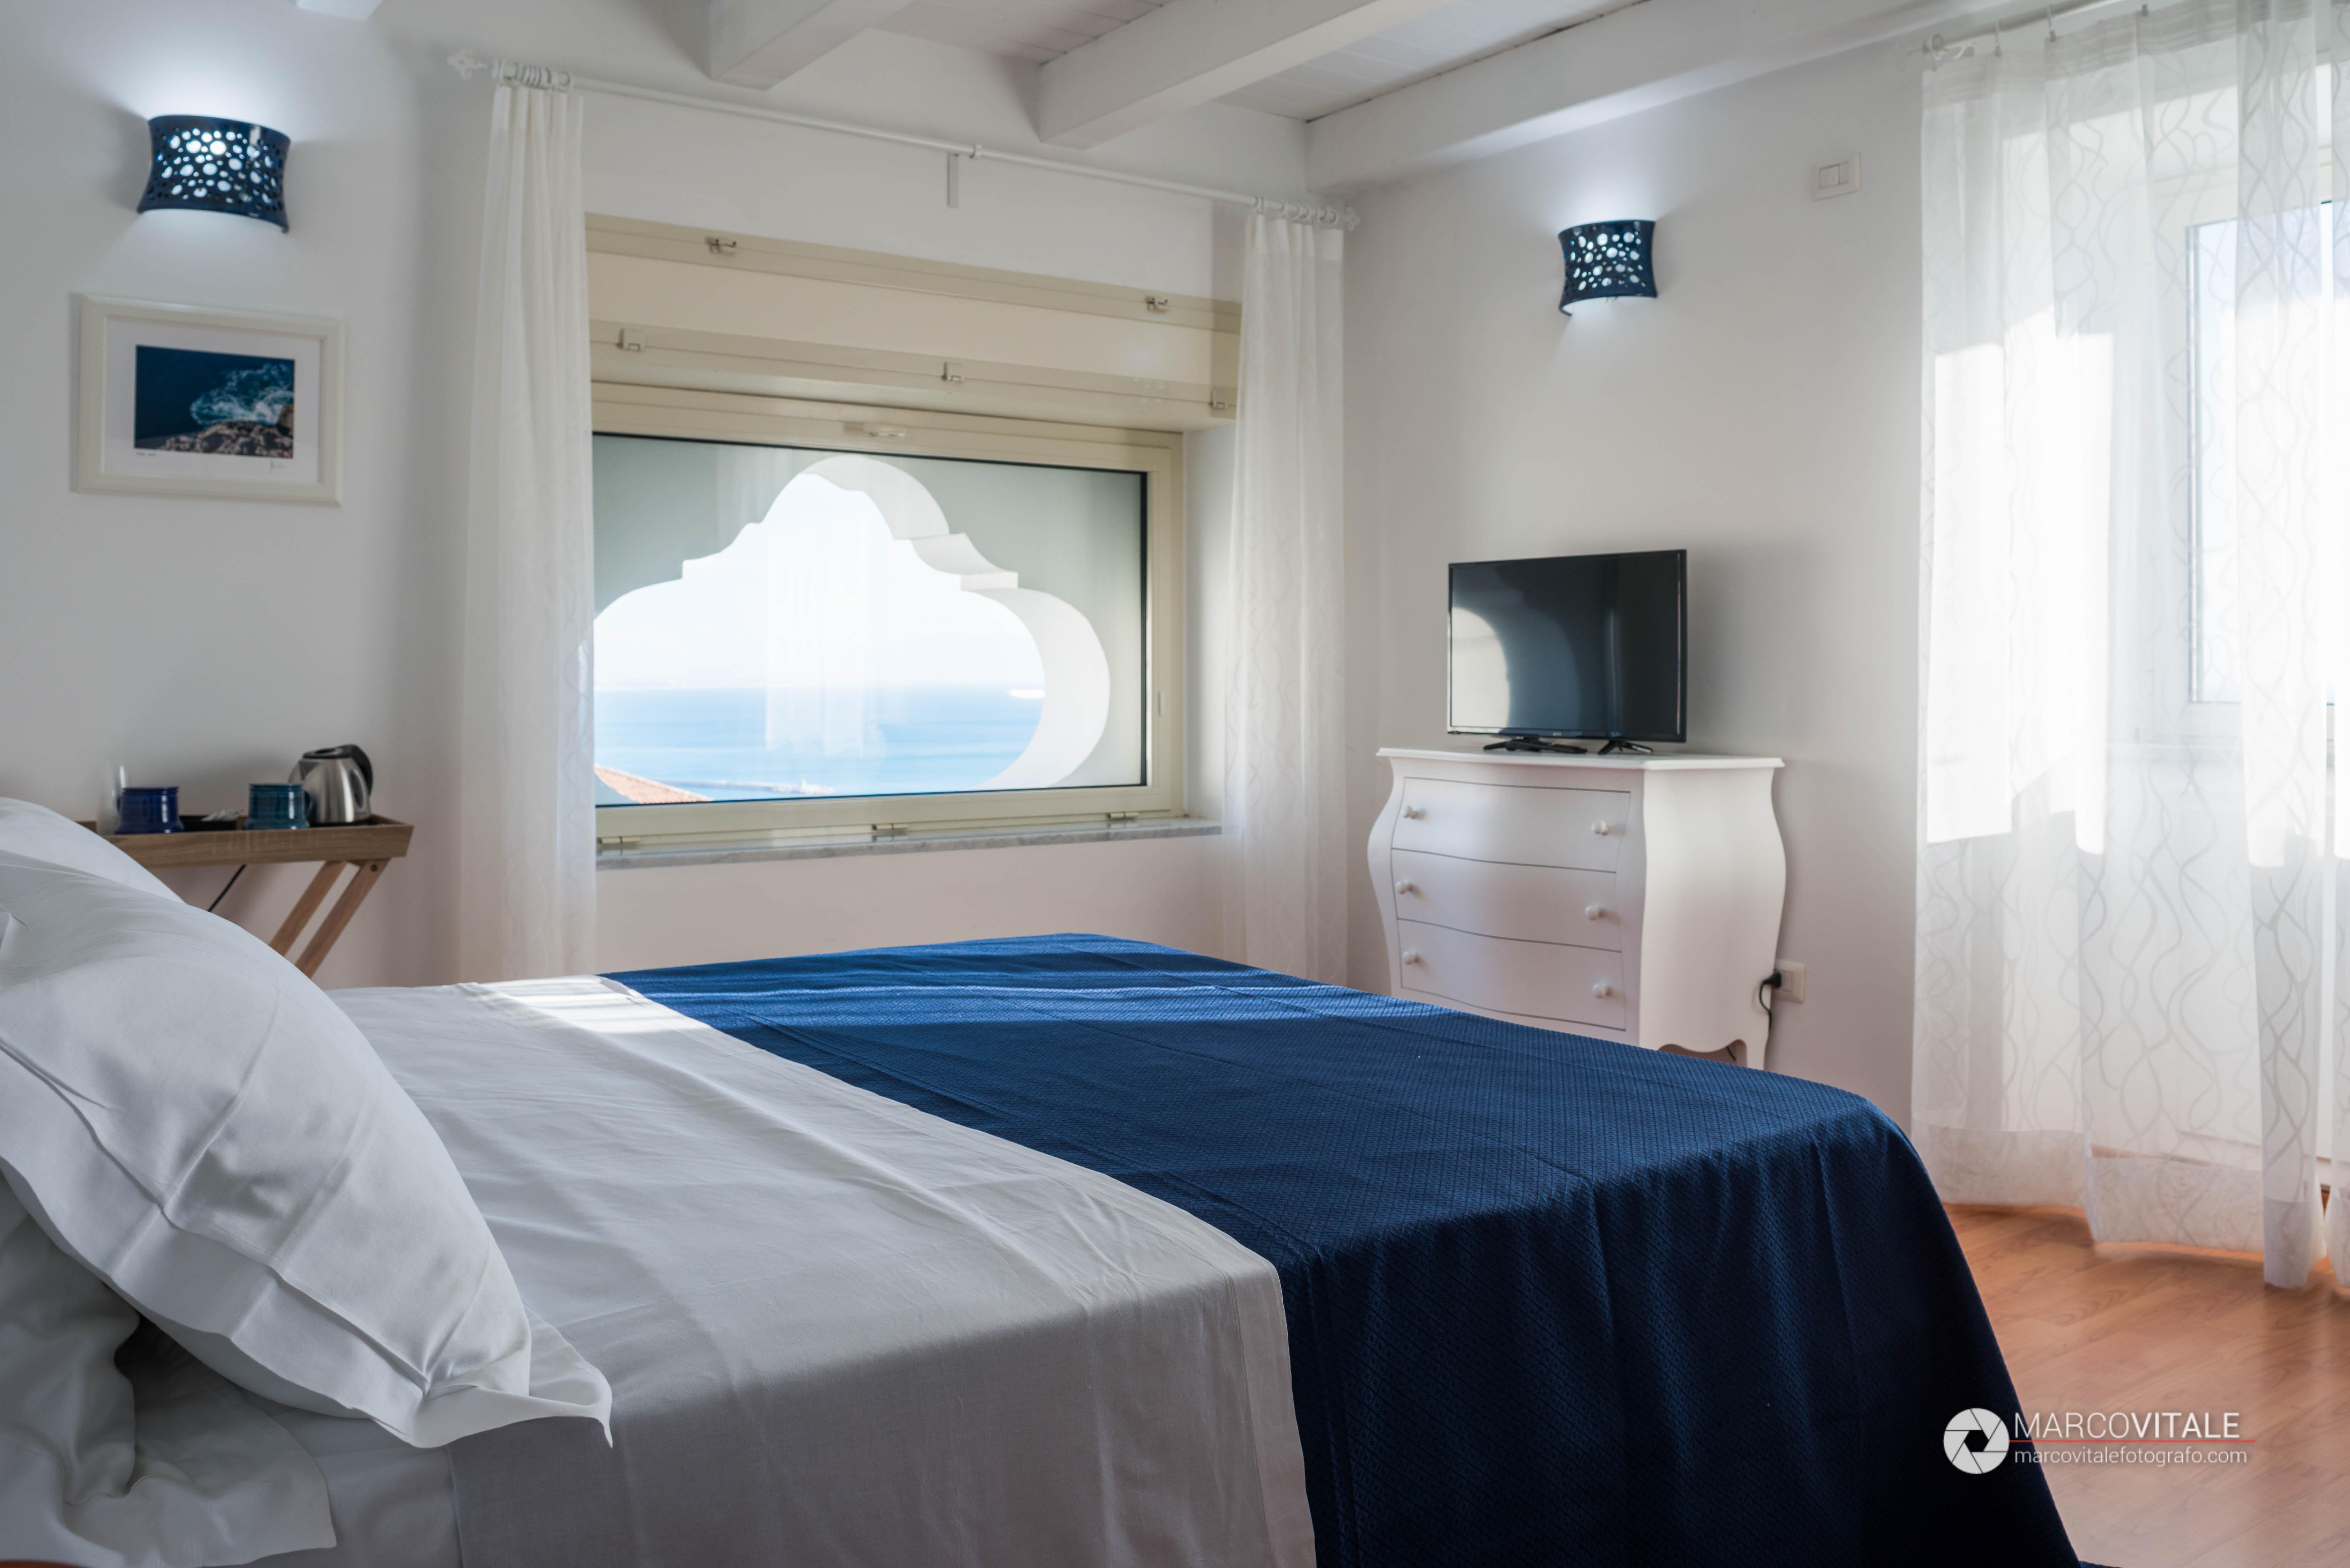 Fotografo per Bed and breakfast Vietri sul mare - Costiera Amalfitana